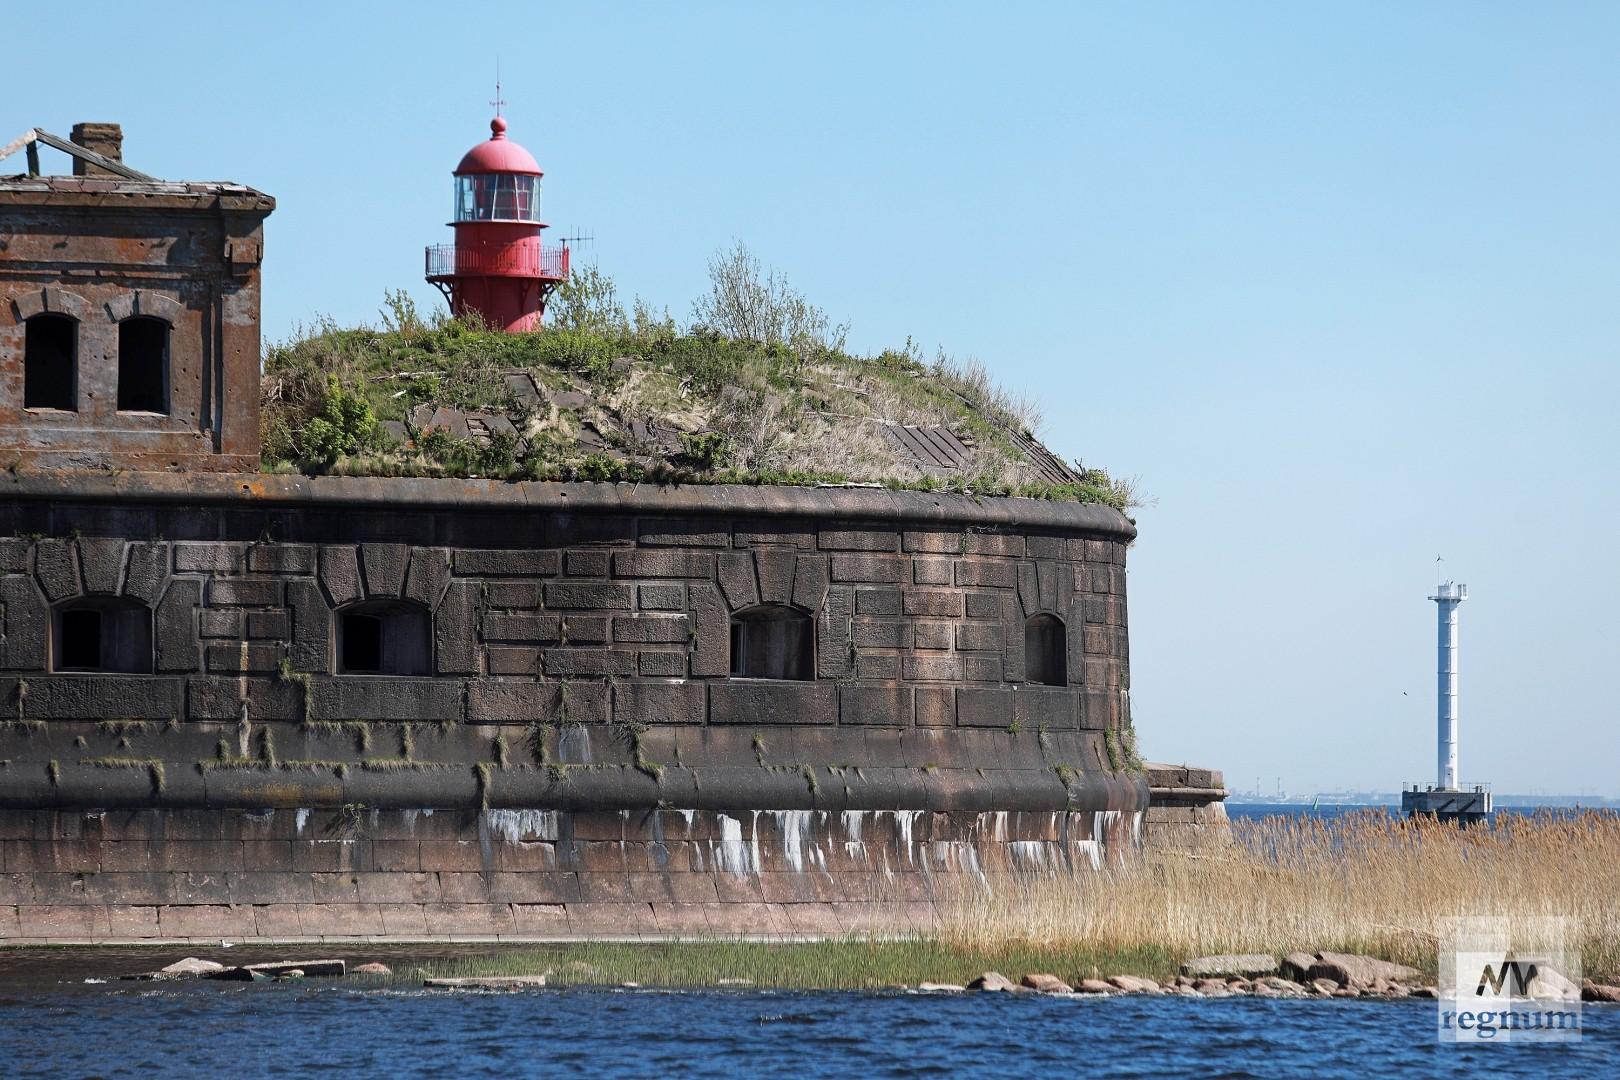 фото фортов кронштадта диджеи пятницам субботам